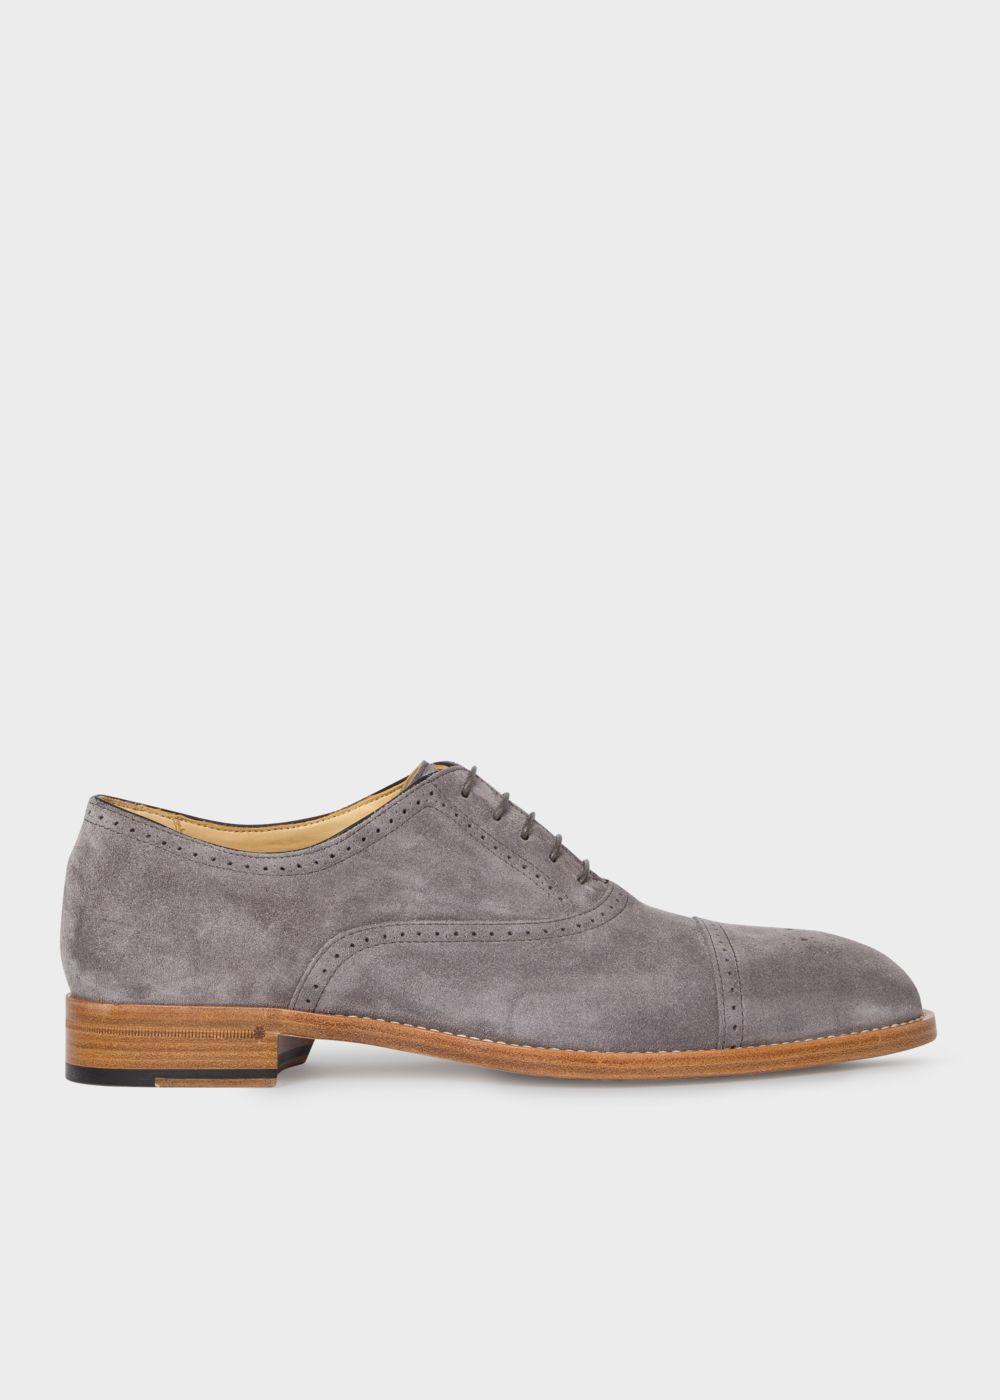 Men S Grey Suede Sonnet Oxford Shoes Paul Smith Us Suede Shoes Men Oxford Shoes Gray Suede